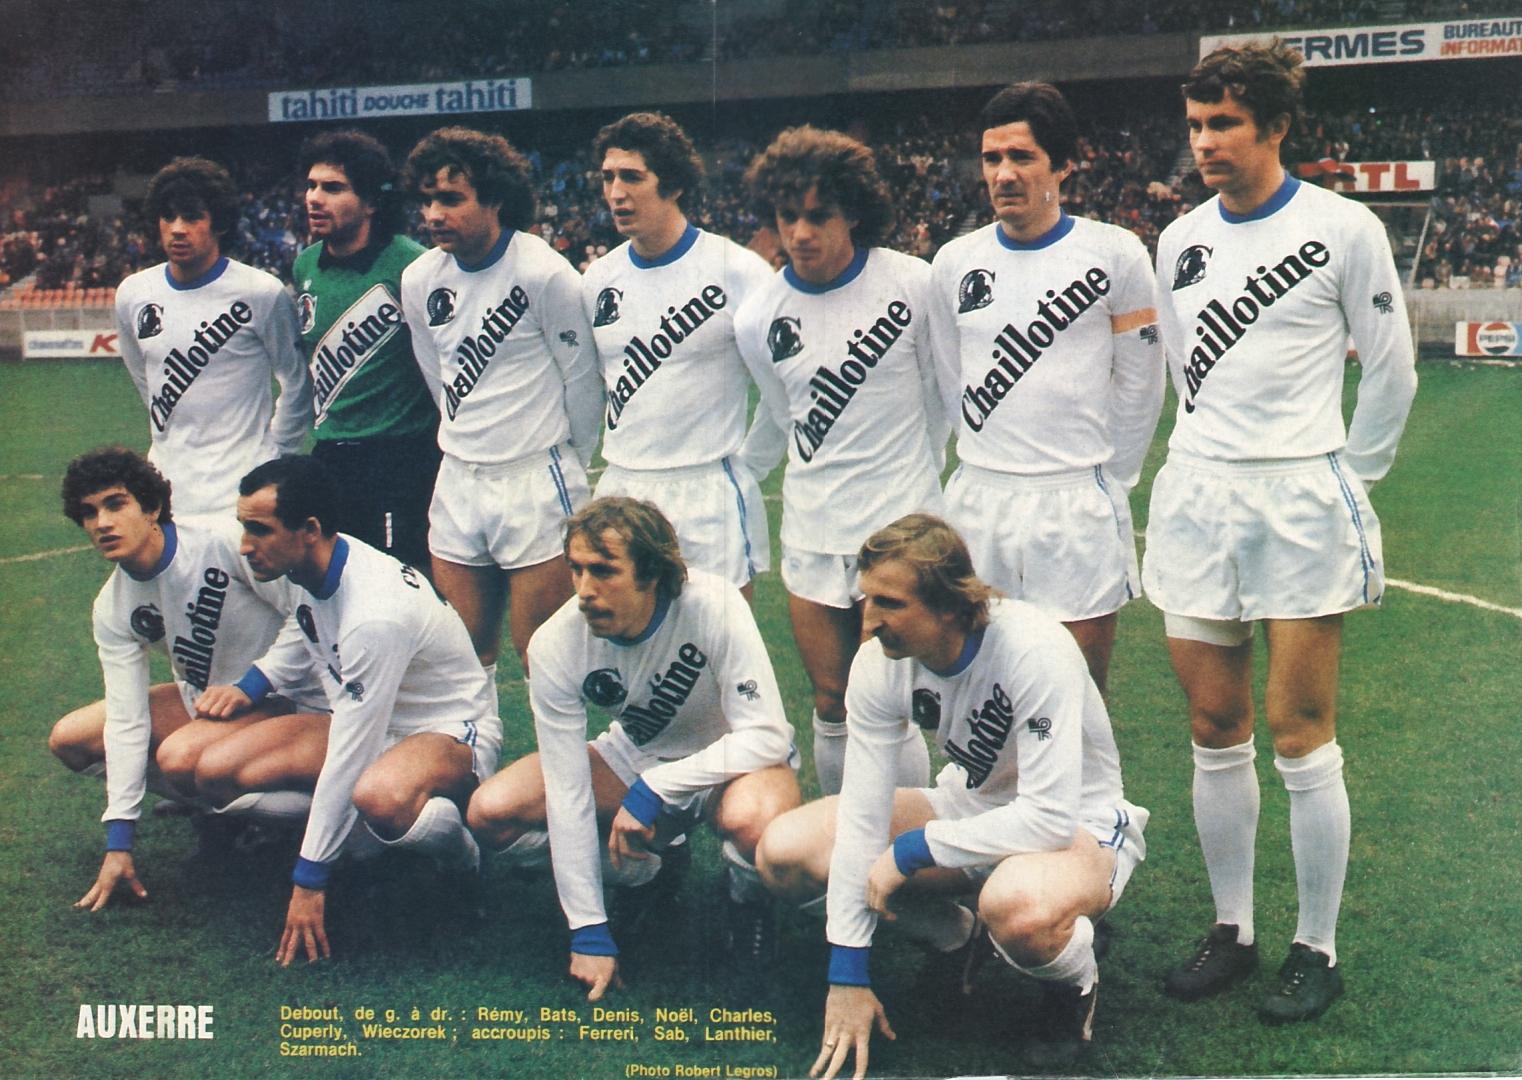 PRESENTEZ-VOUS POUR MIEUX SE CONNAITRE  - Page 3 AJ+Auxerre+1980-1981